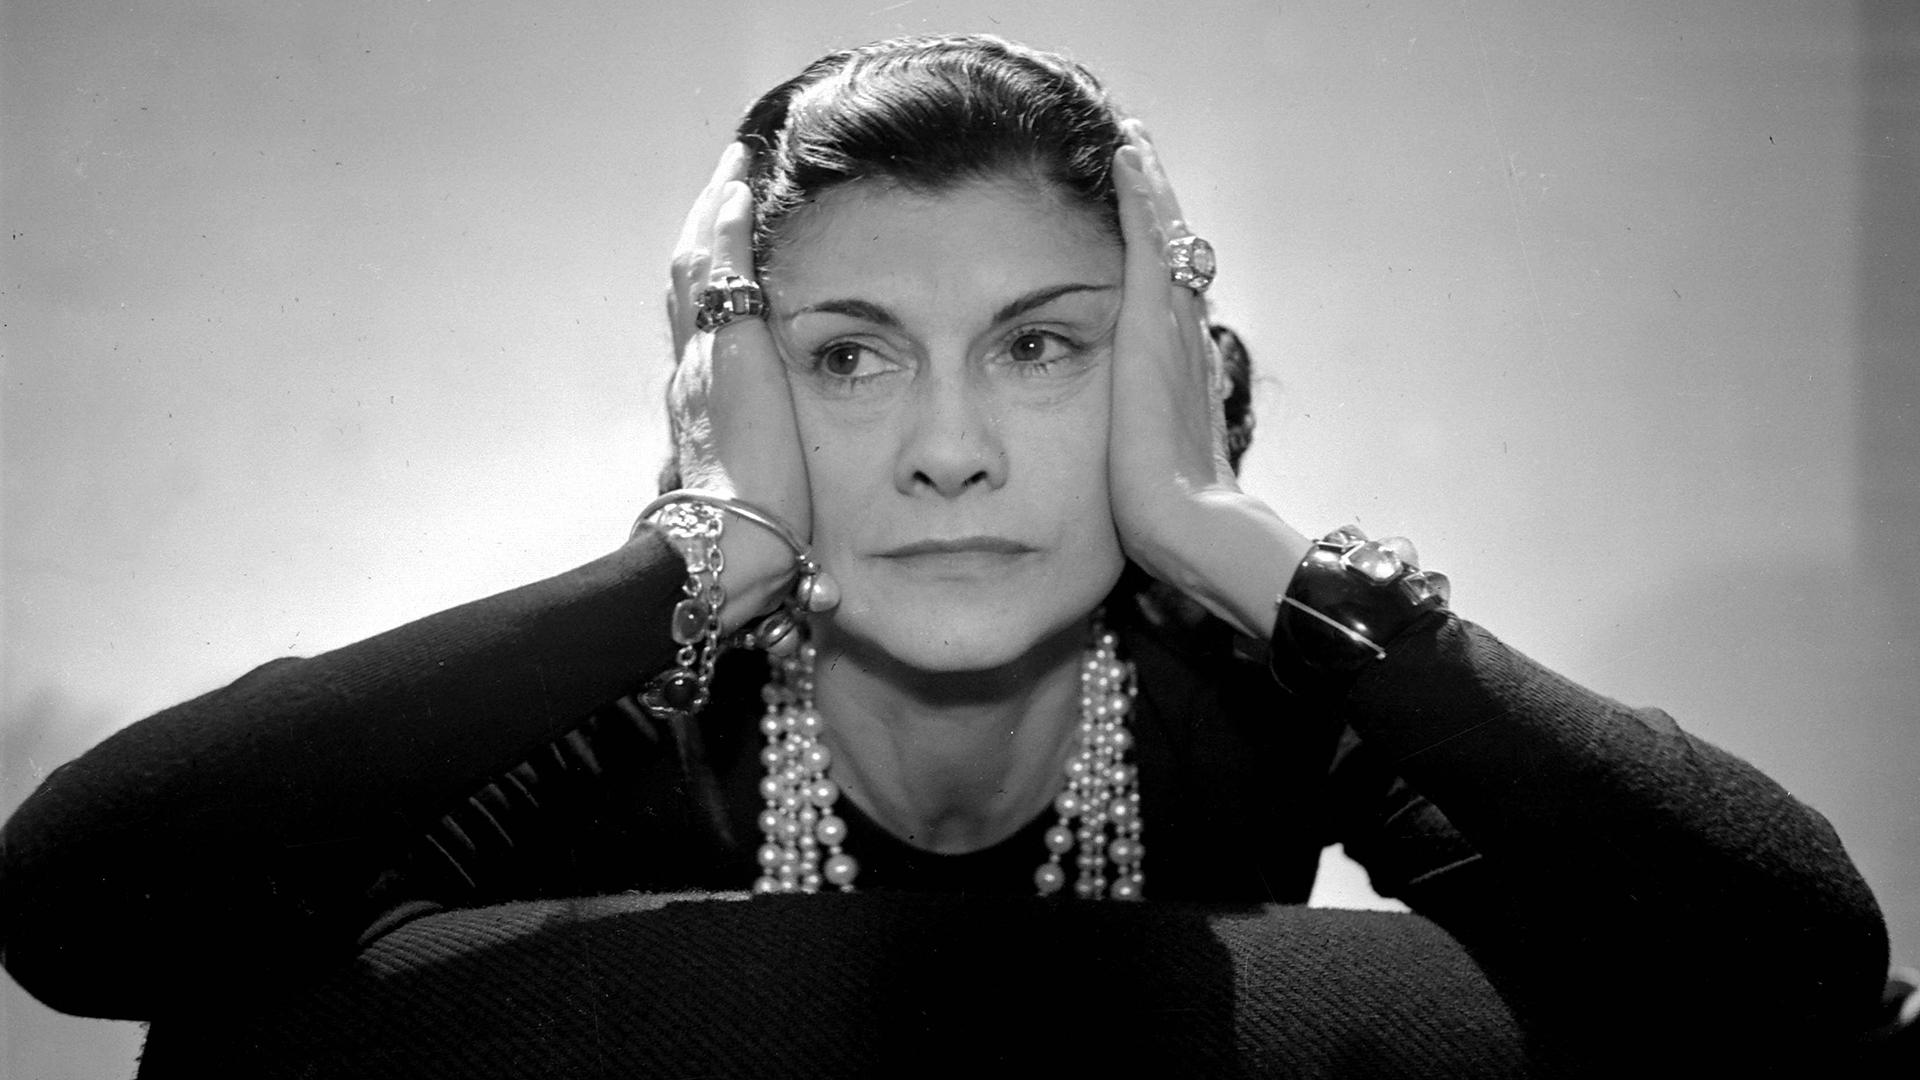 En 1971 falleción la modista más chic, la única diseñadora que forma parte de la lista de 100 Personas del Siglo más influyentes (Lipnitzki/Roger Viollet/Getty Images)